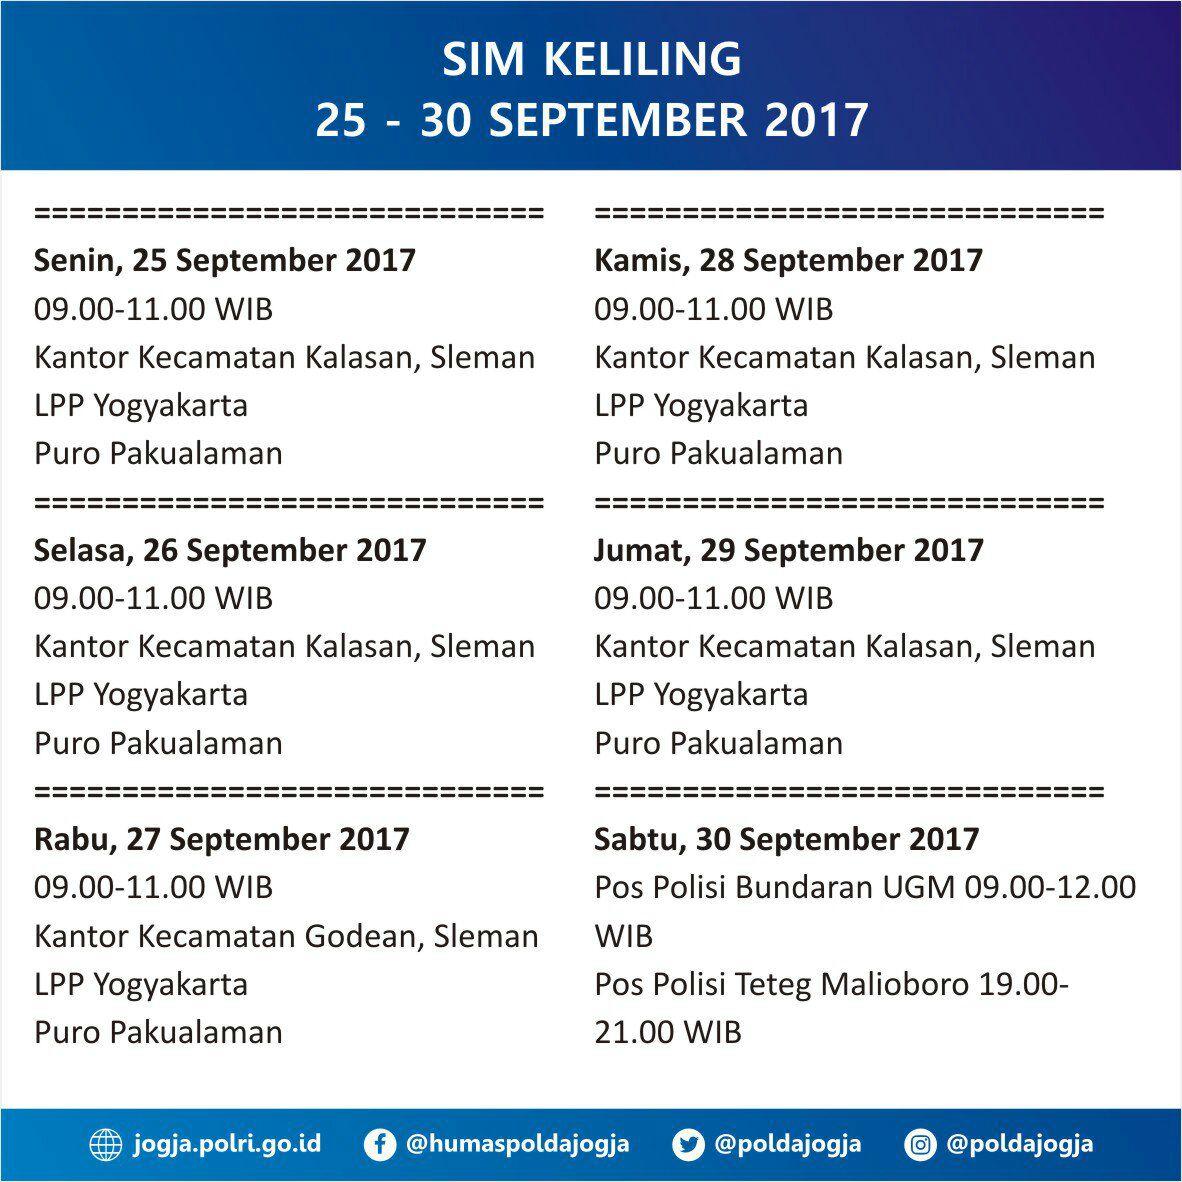 Jadwal SIM Keliling Yogyakarta 25-30 September 2017